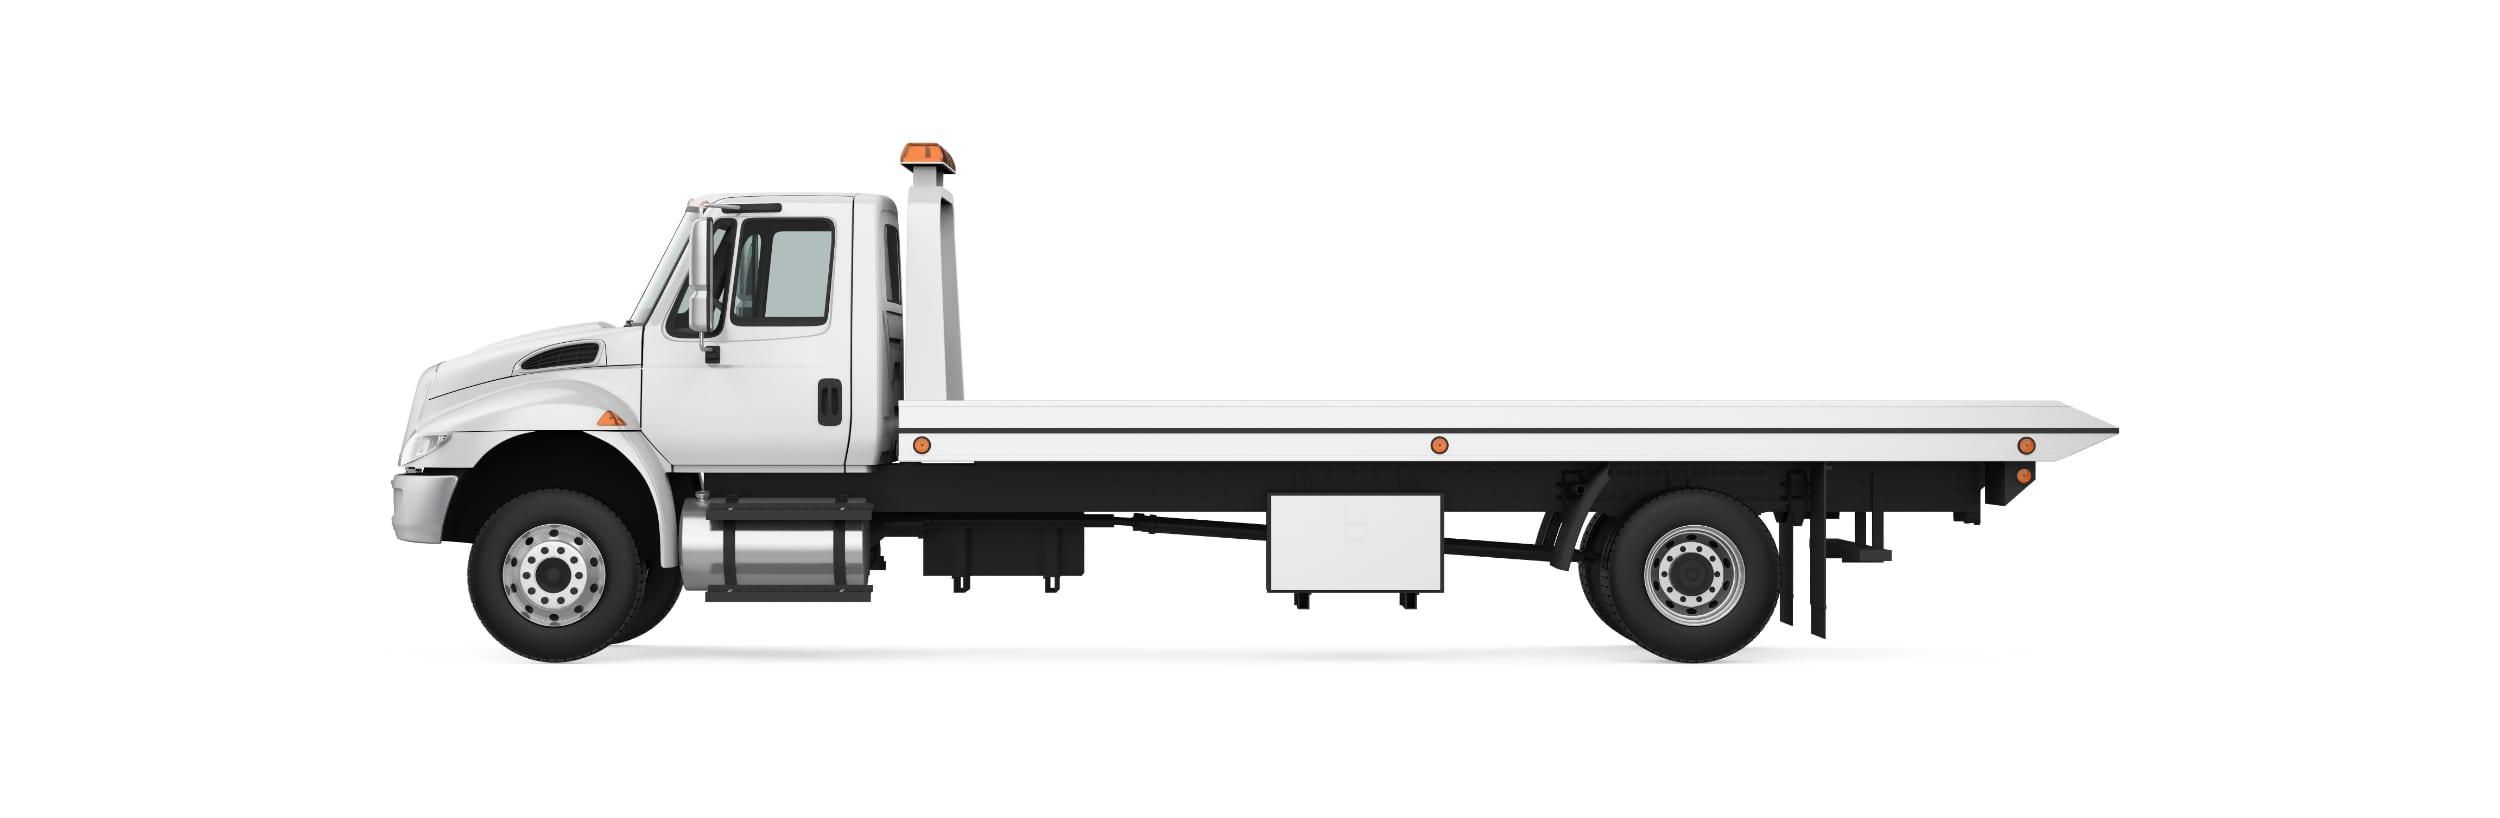 White Roll Back Truck